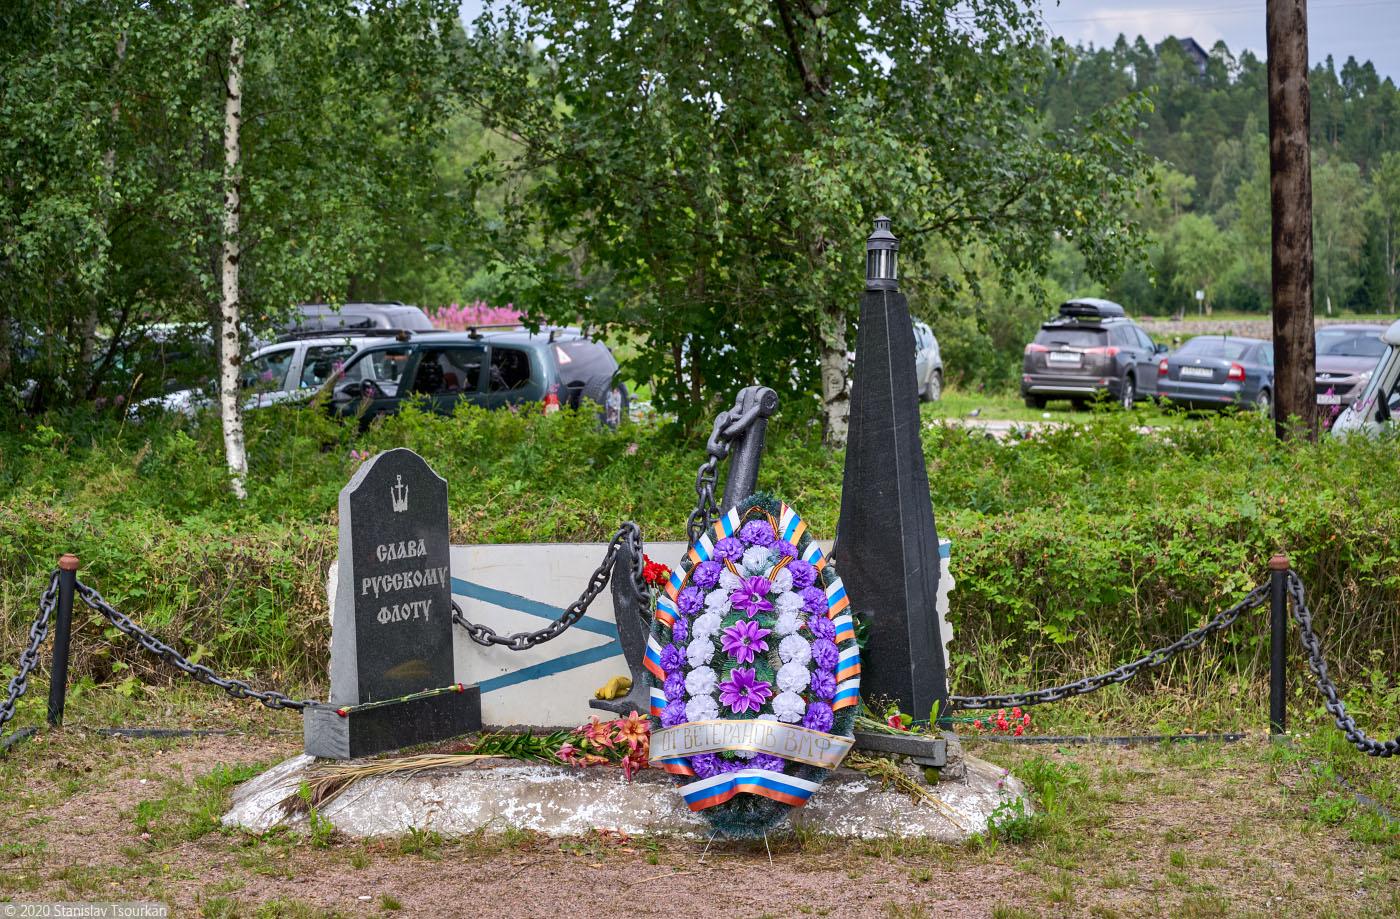 Лахденпохья, Карелия, республика Карелия, Ладожское озеро, слава русскому флоту, памятник